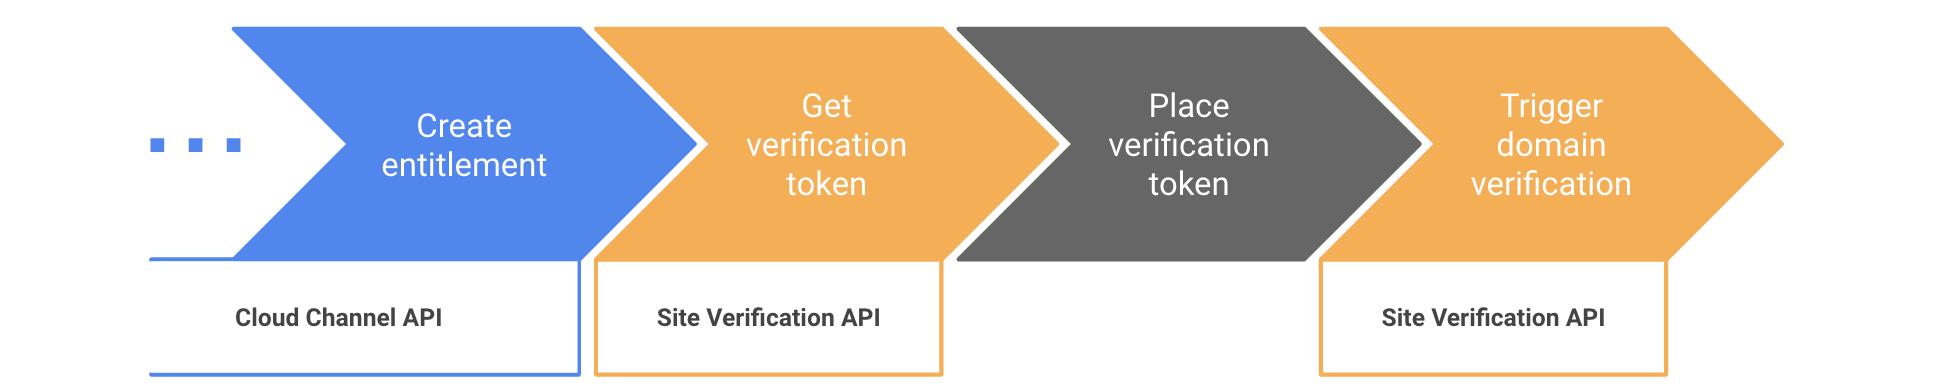 Procédure d'automatisation de la validation de domaine